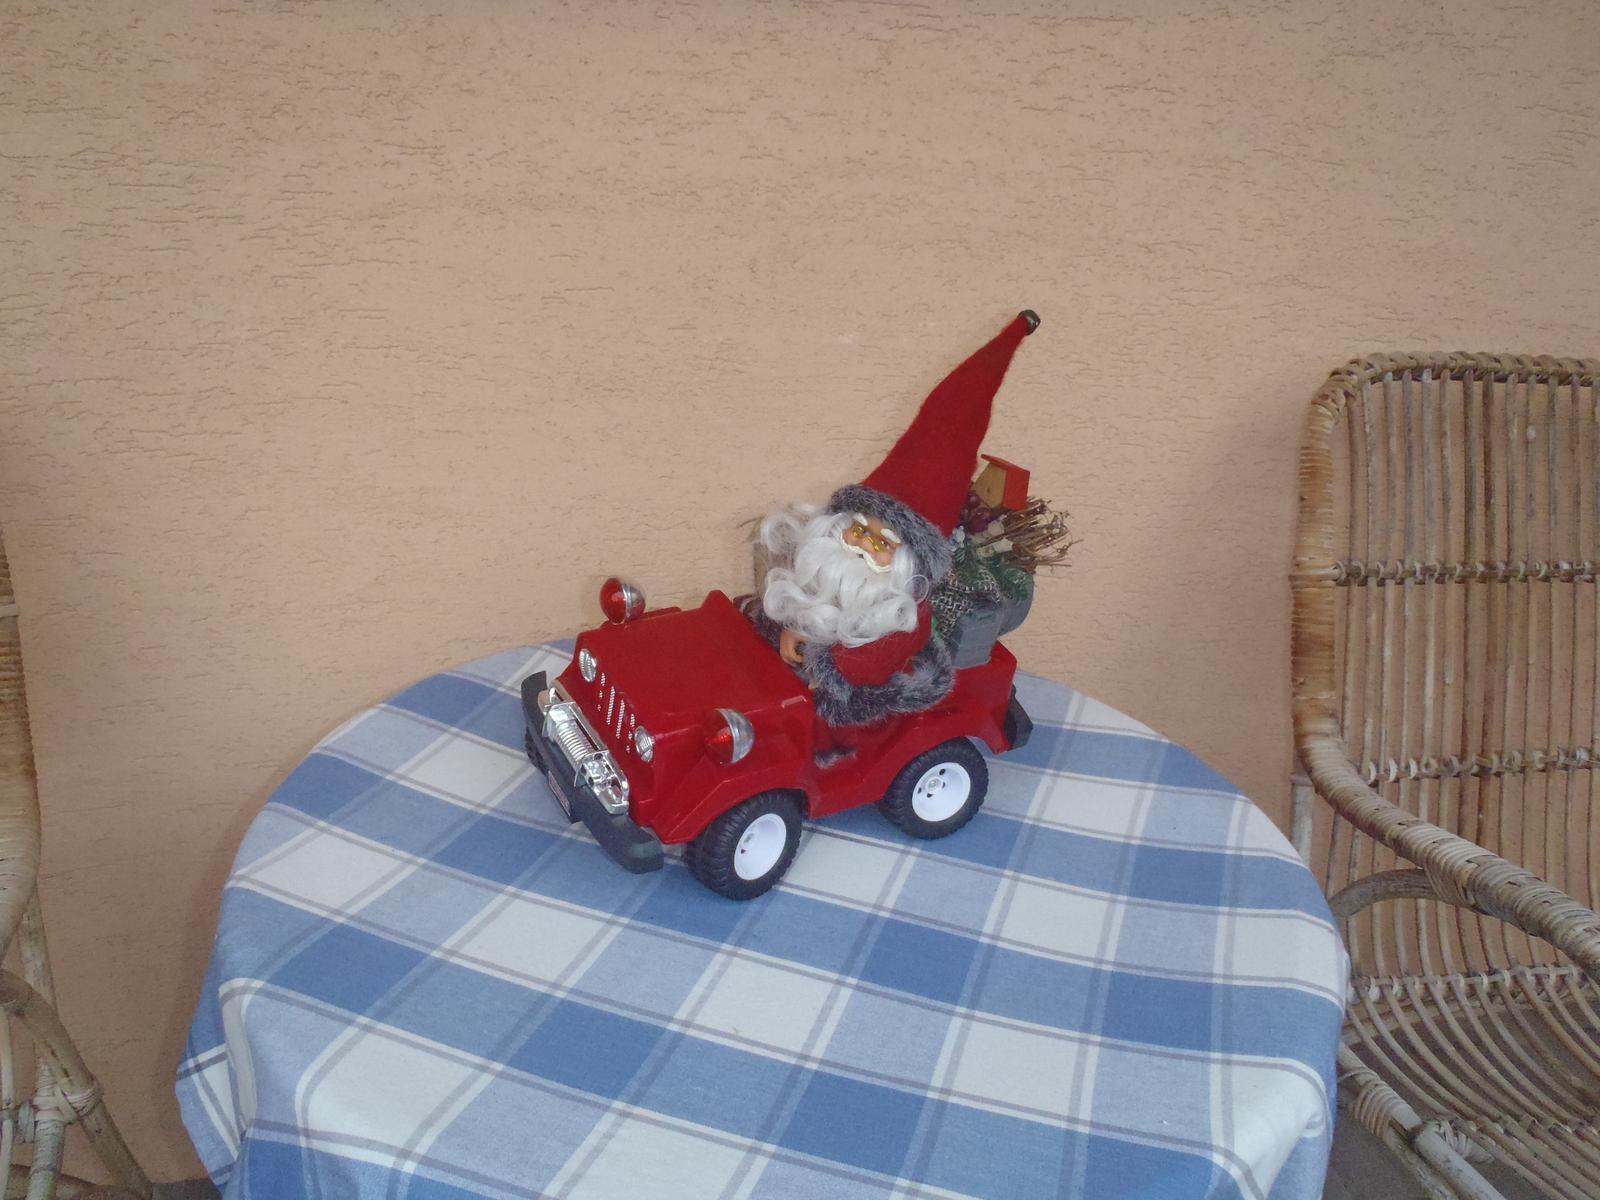 Vánoce 2012 - auto bylo původně na hraní-vánoční dárek,teď je to dekorace, říkáme mu Mikuláš,není to Santa :-)